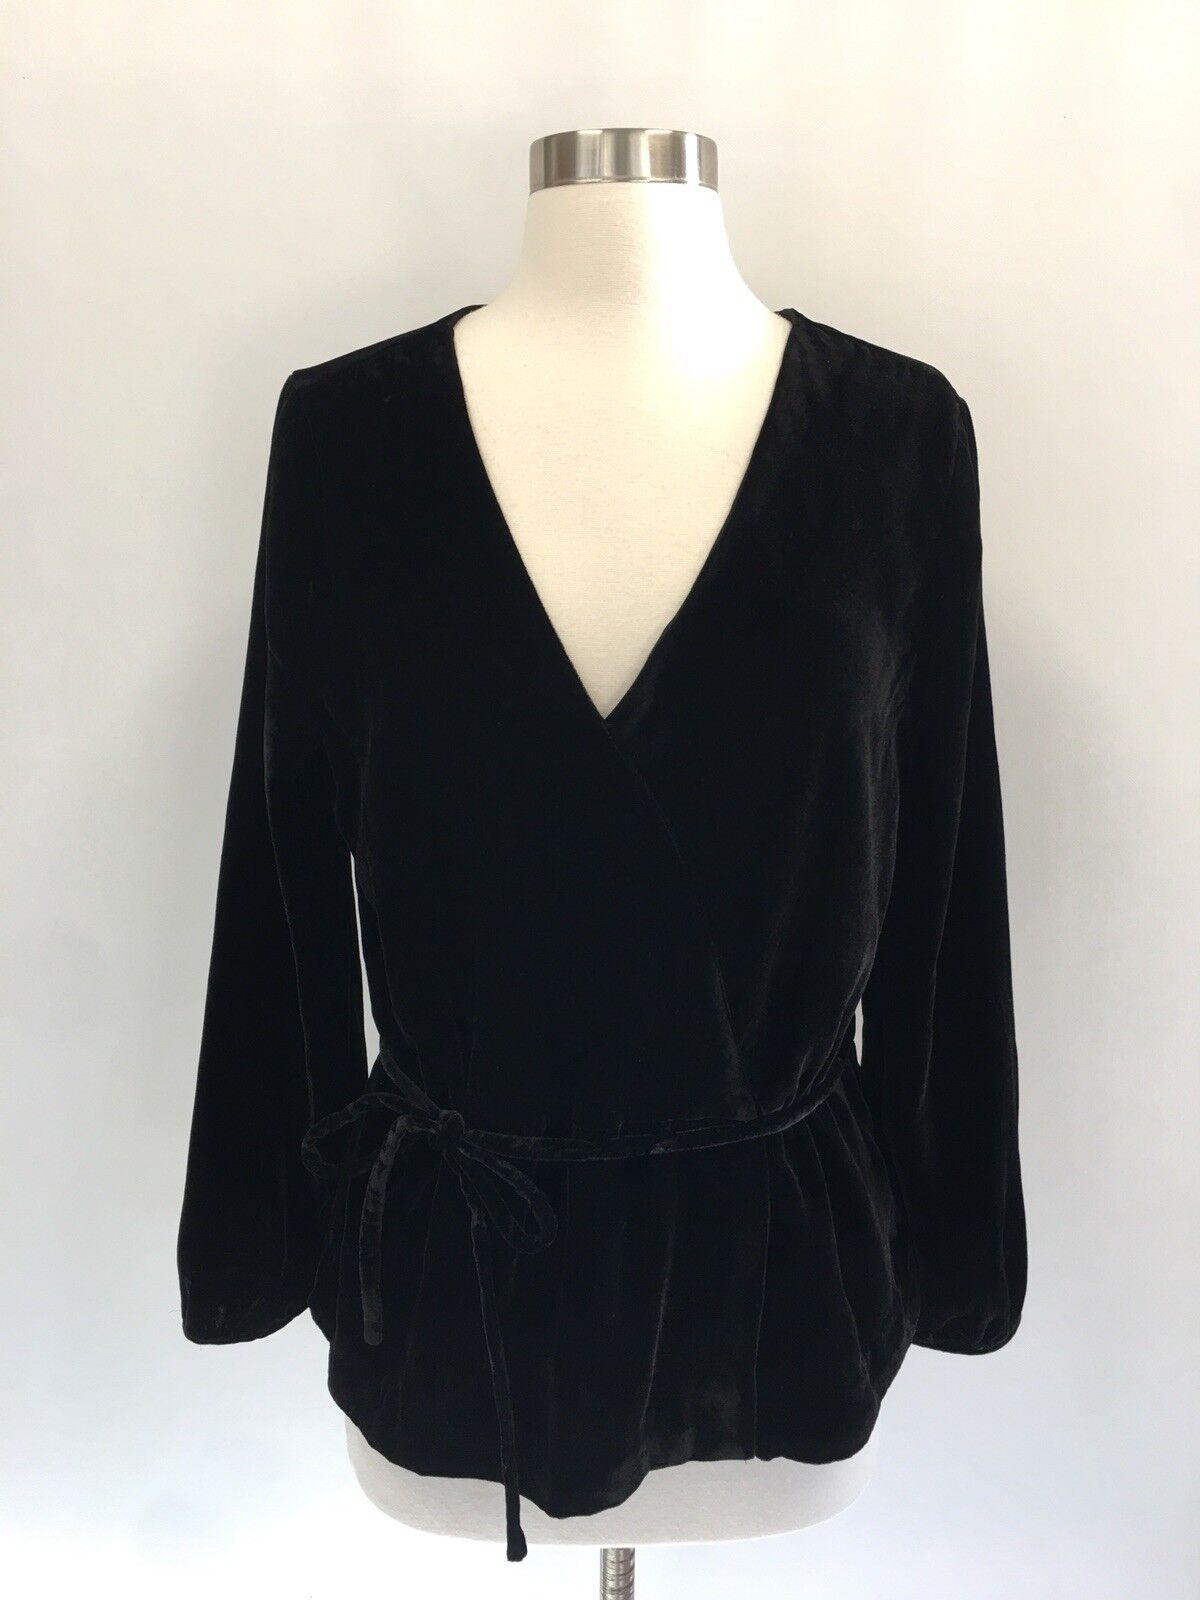 J CREW Faux Wrap Top chemisier en drapée de velours noir Taille 10 J4962 NEUF